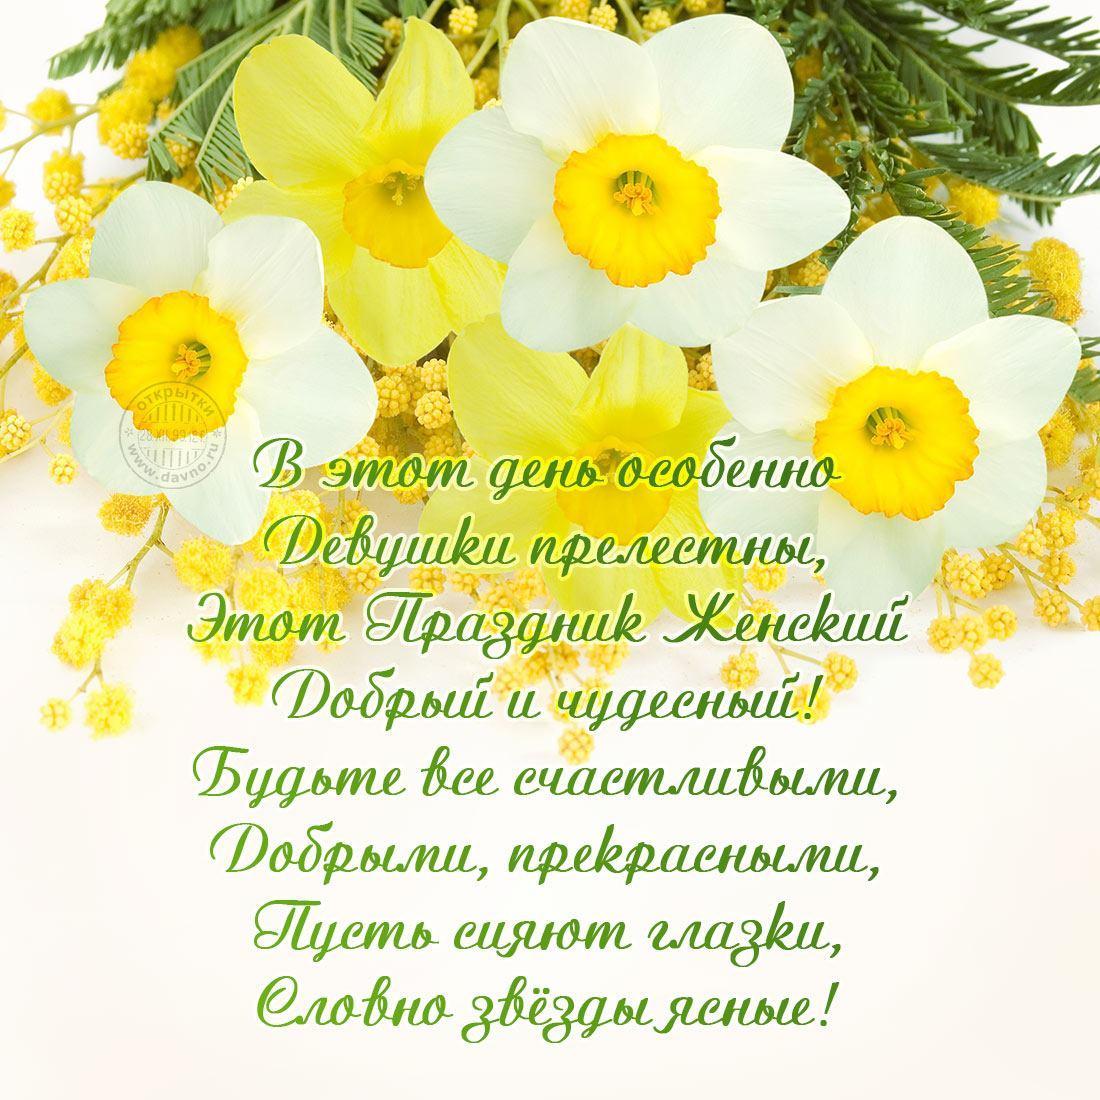 фото Поздравления с 8 Марта: прикольные открытки, стихи и поздравления 12